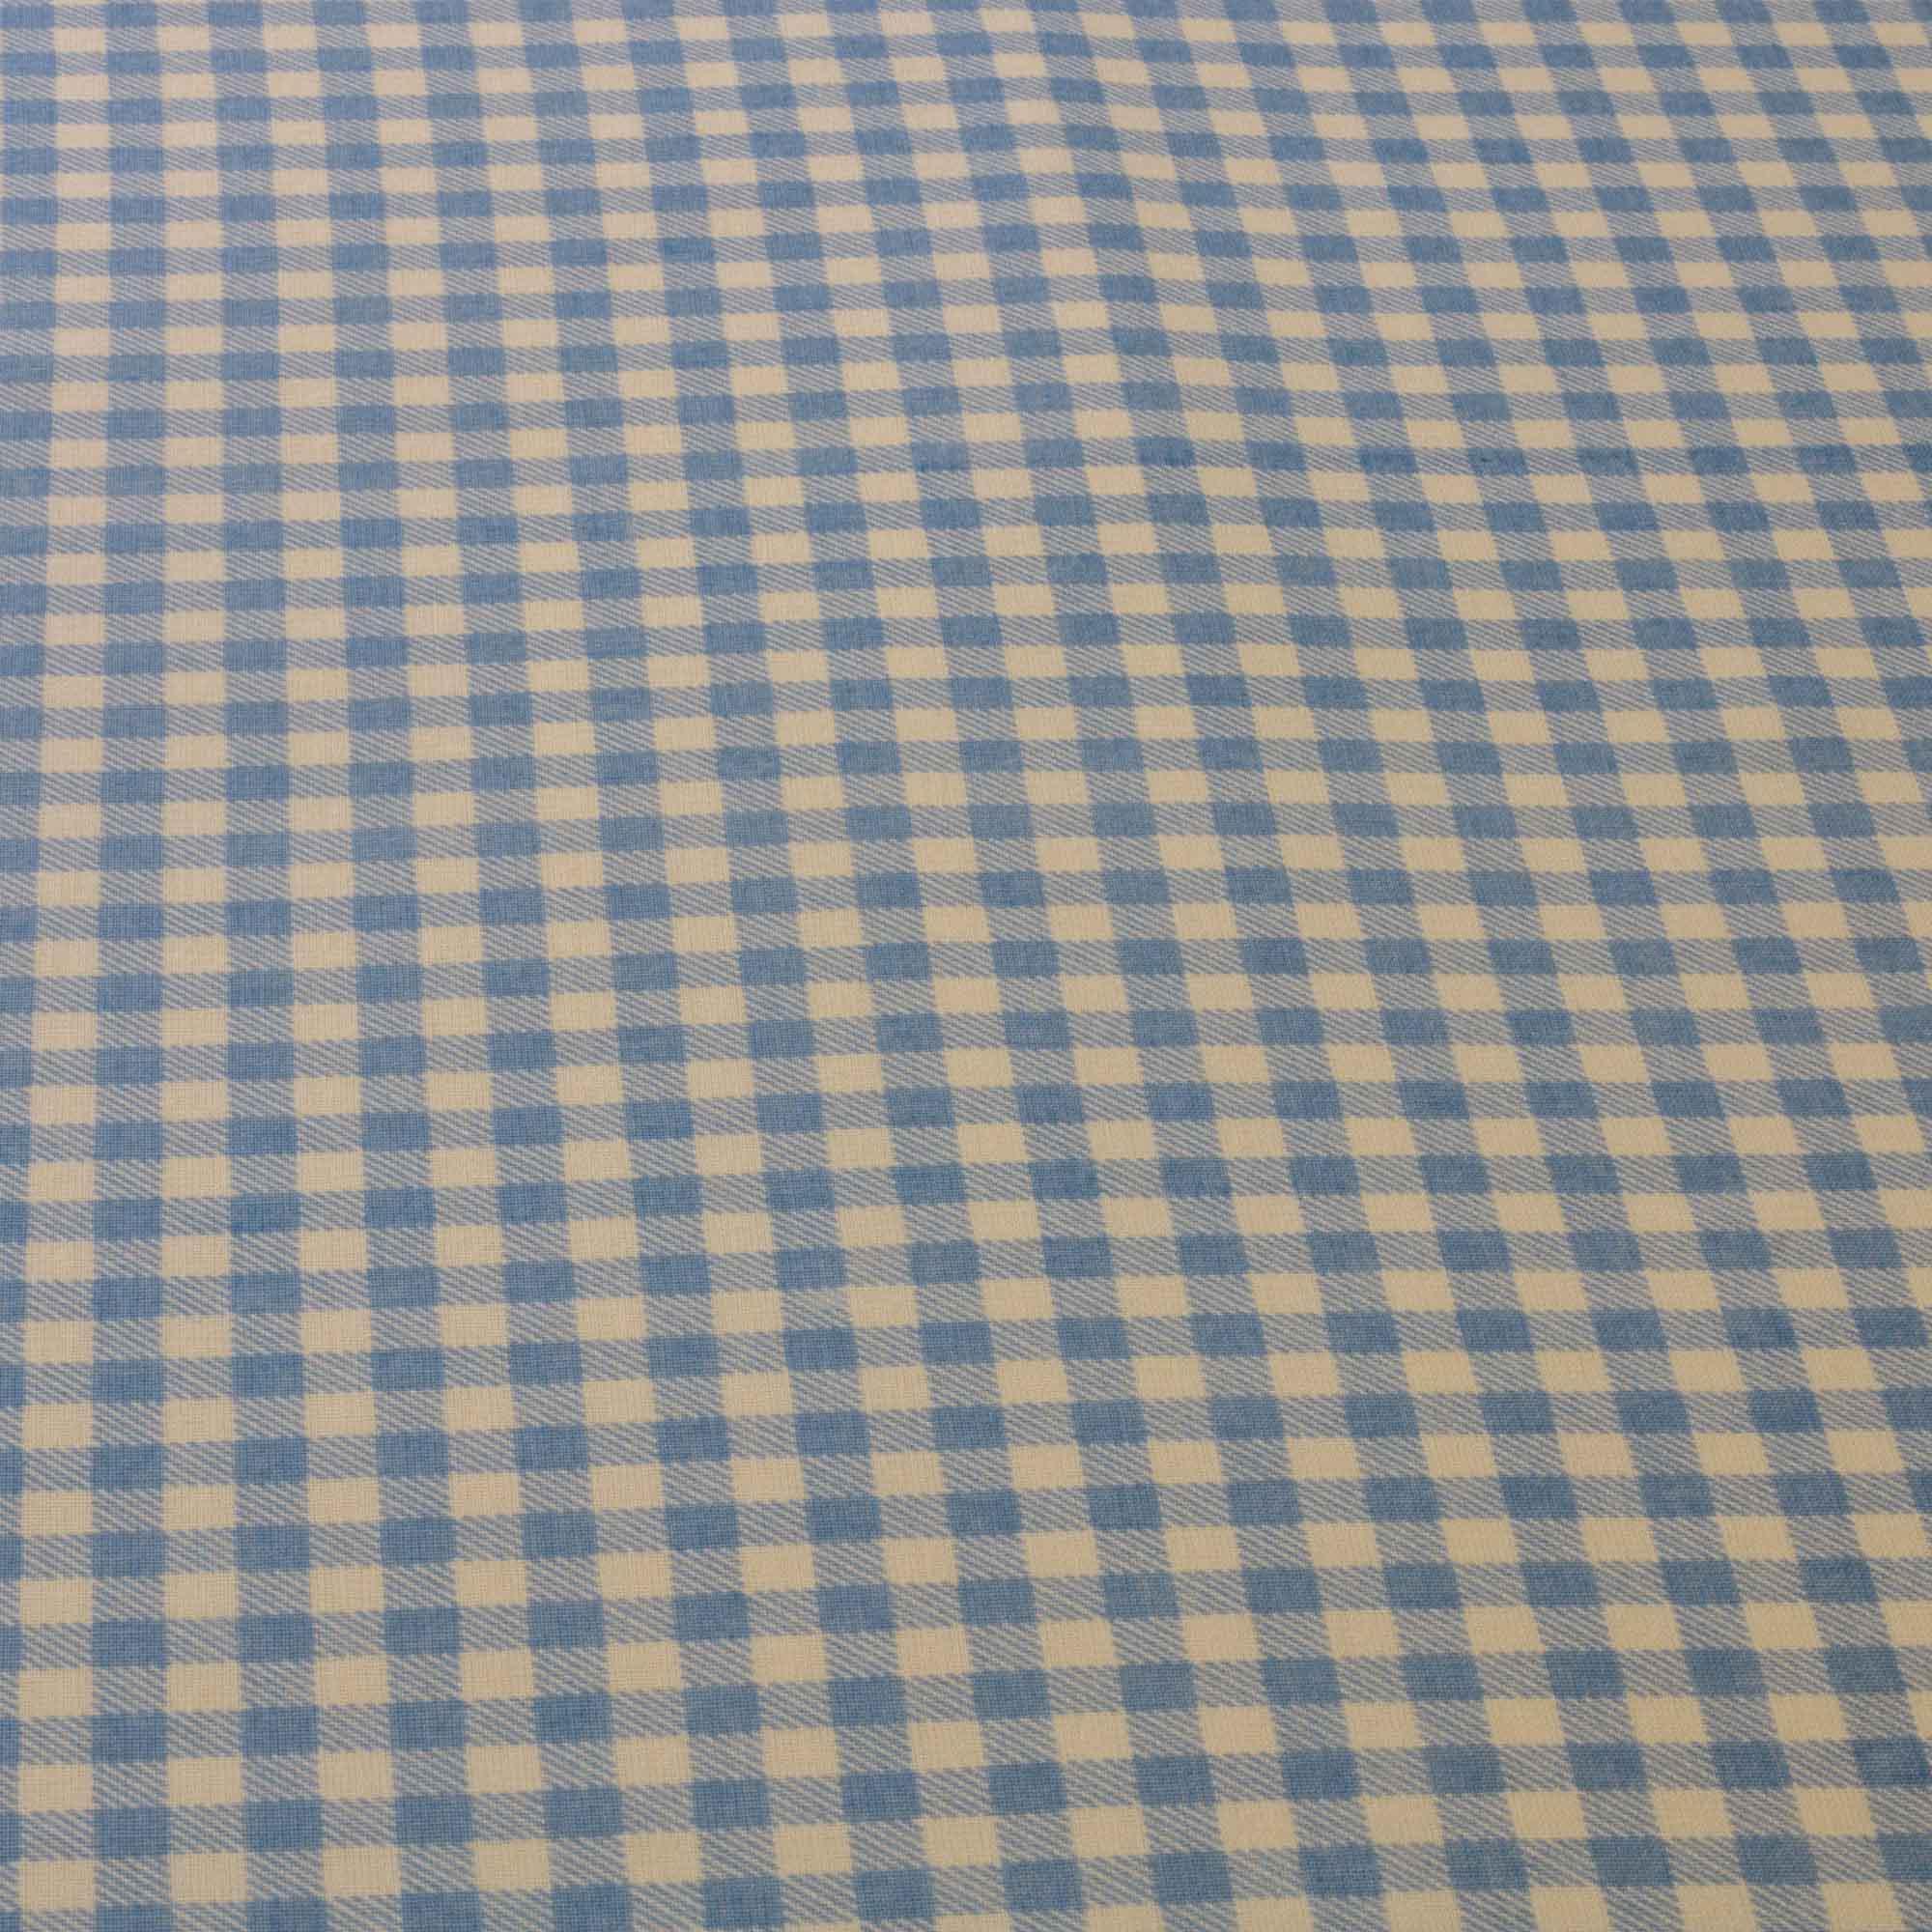 Tecido Tricoline Misto Estampado 50% Algodao 50% Poliester Azul